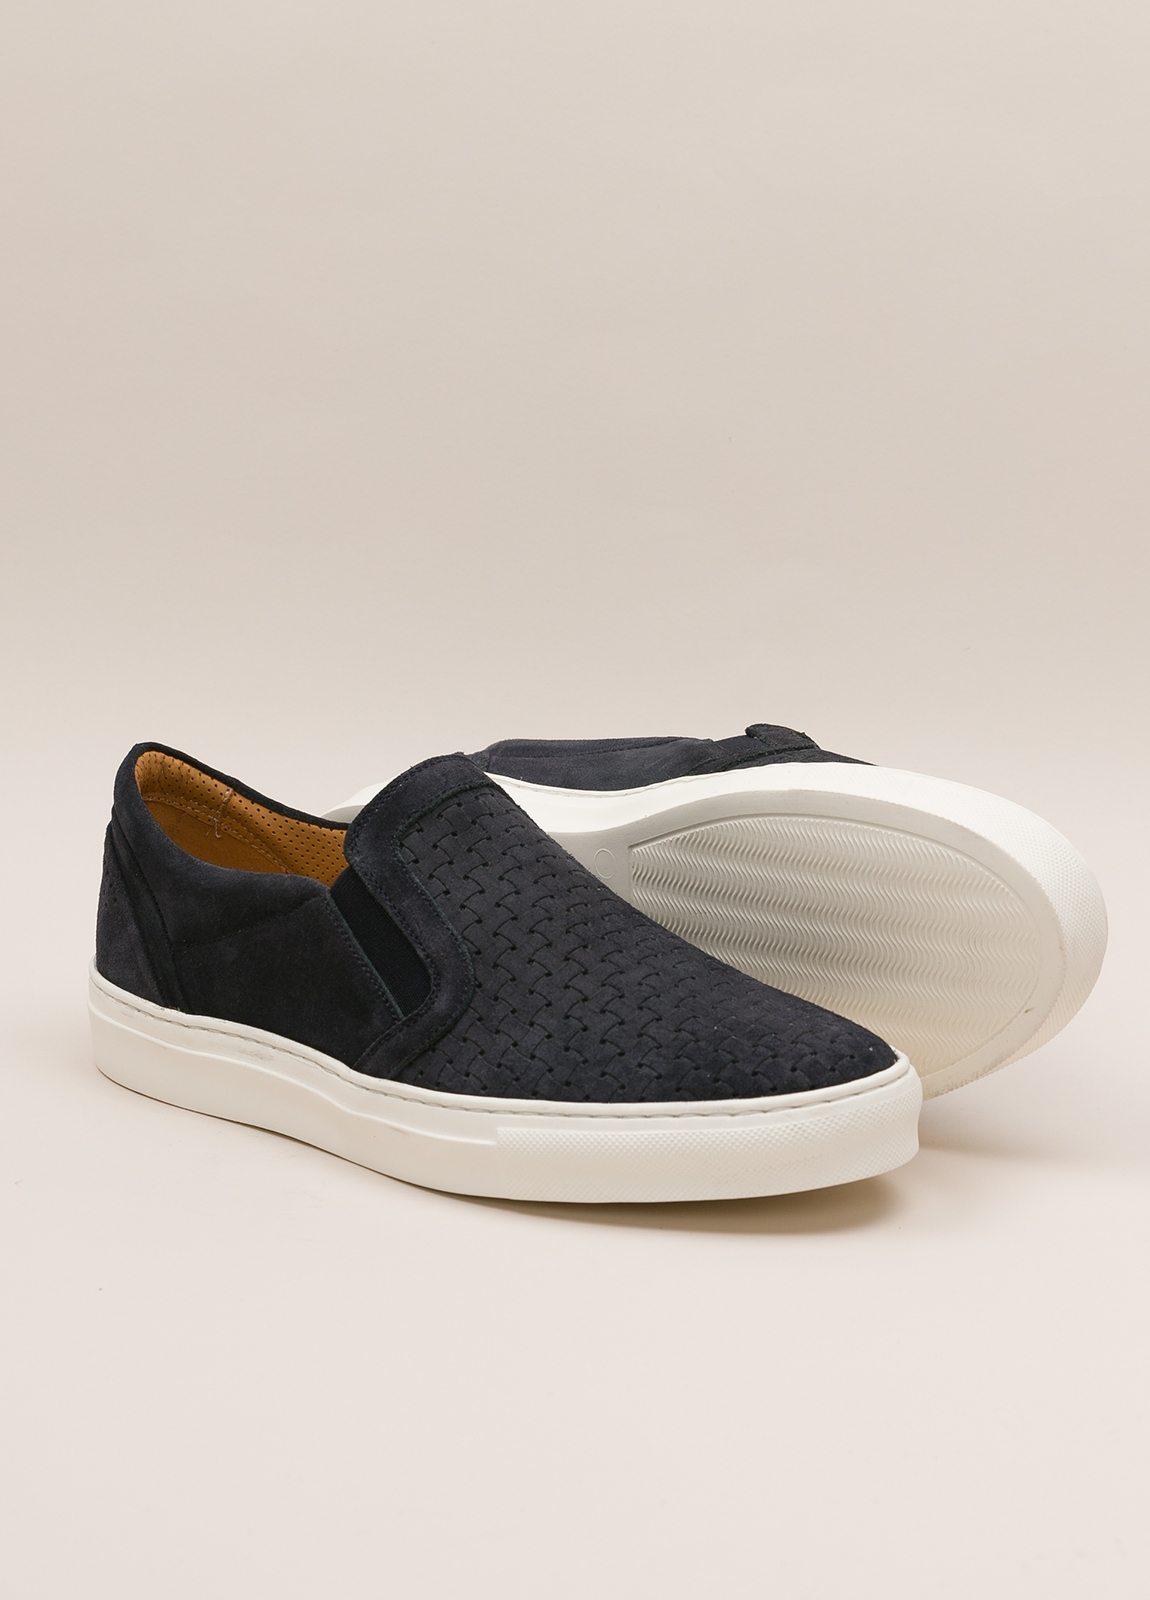 Calzado CALCE color azul marino - Ítem1